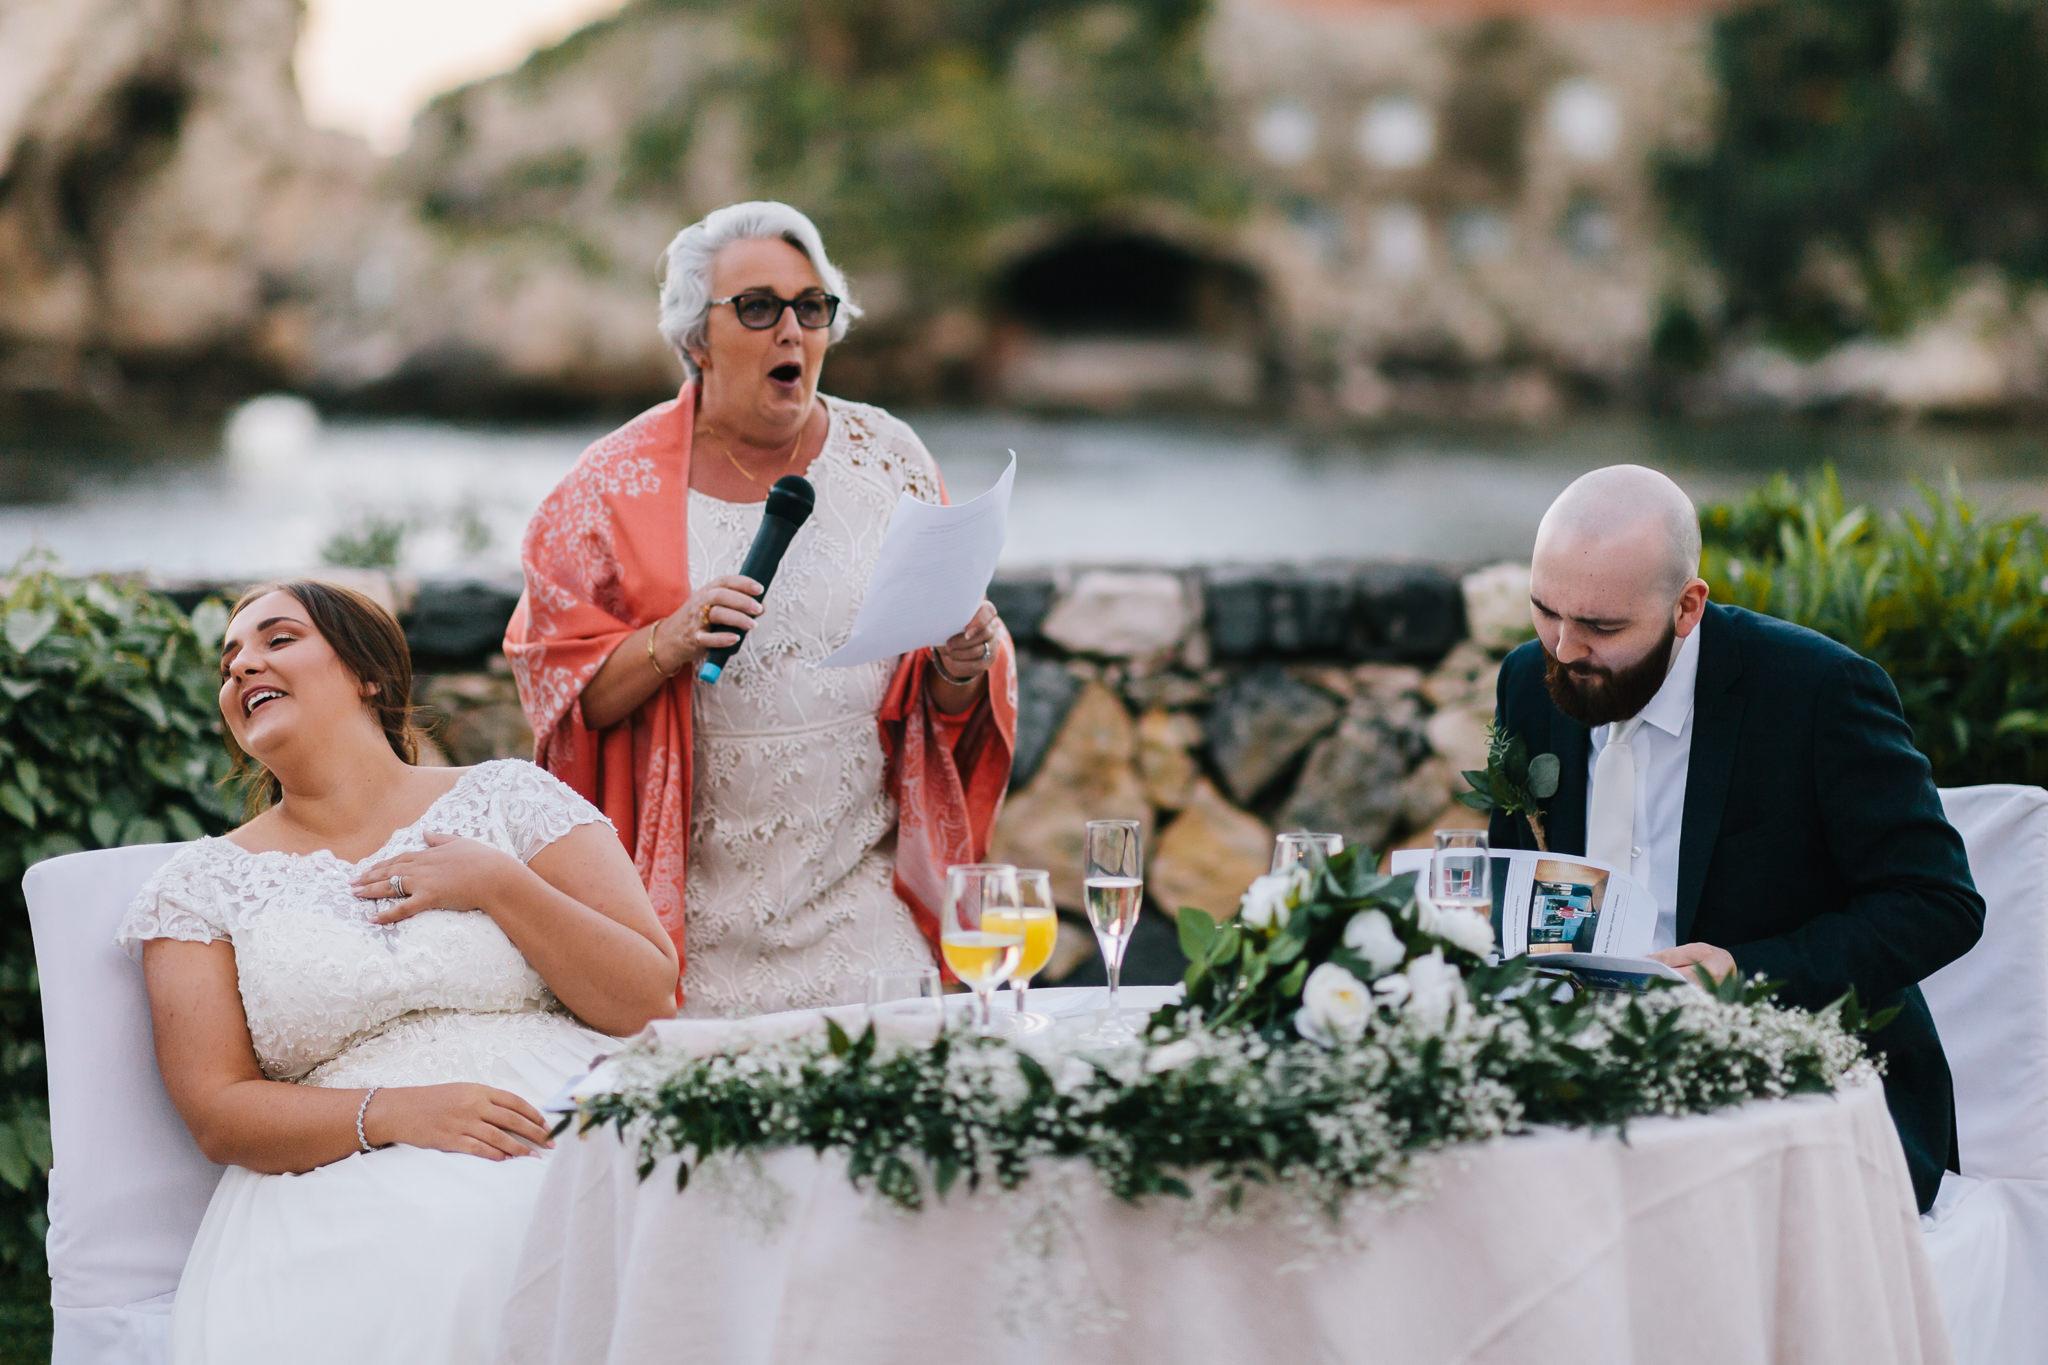 058-2019-04-27-Wedding-Michelle-e-Callum-85mm-167